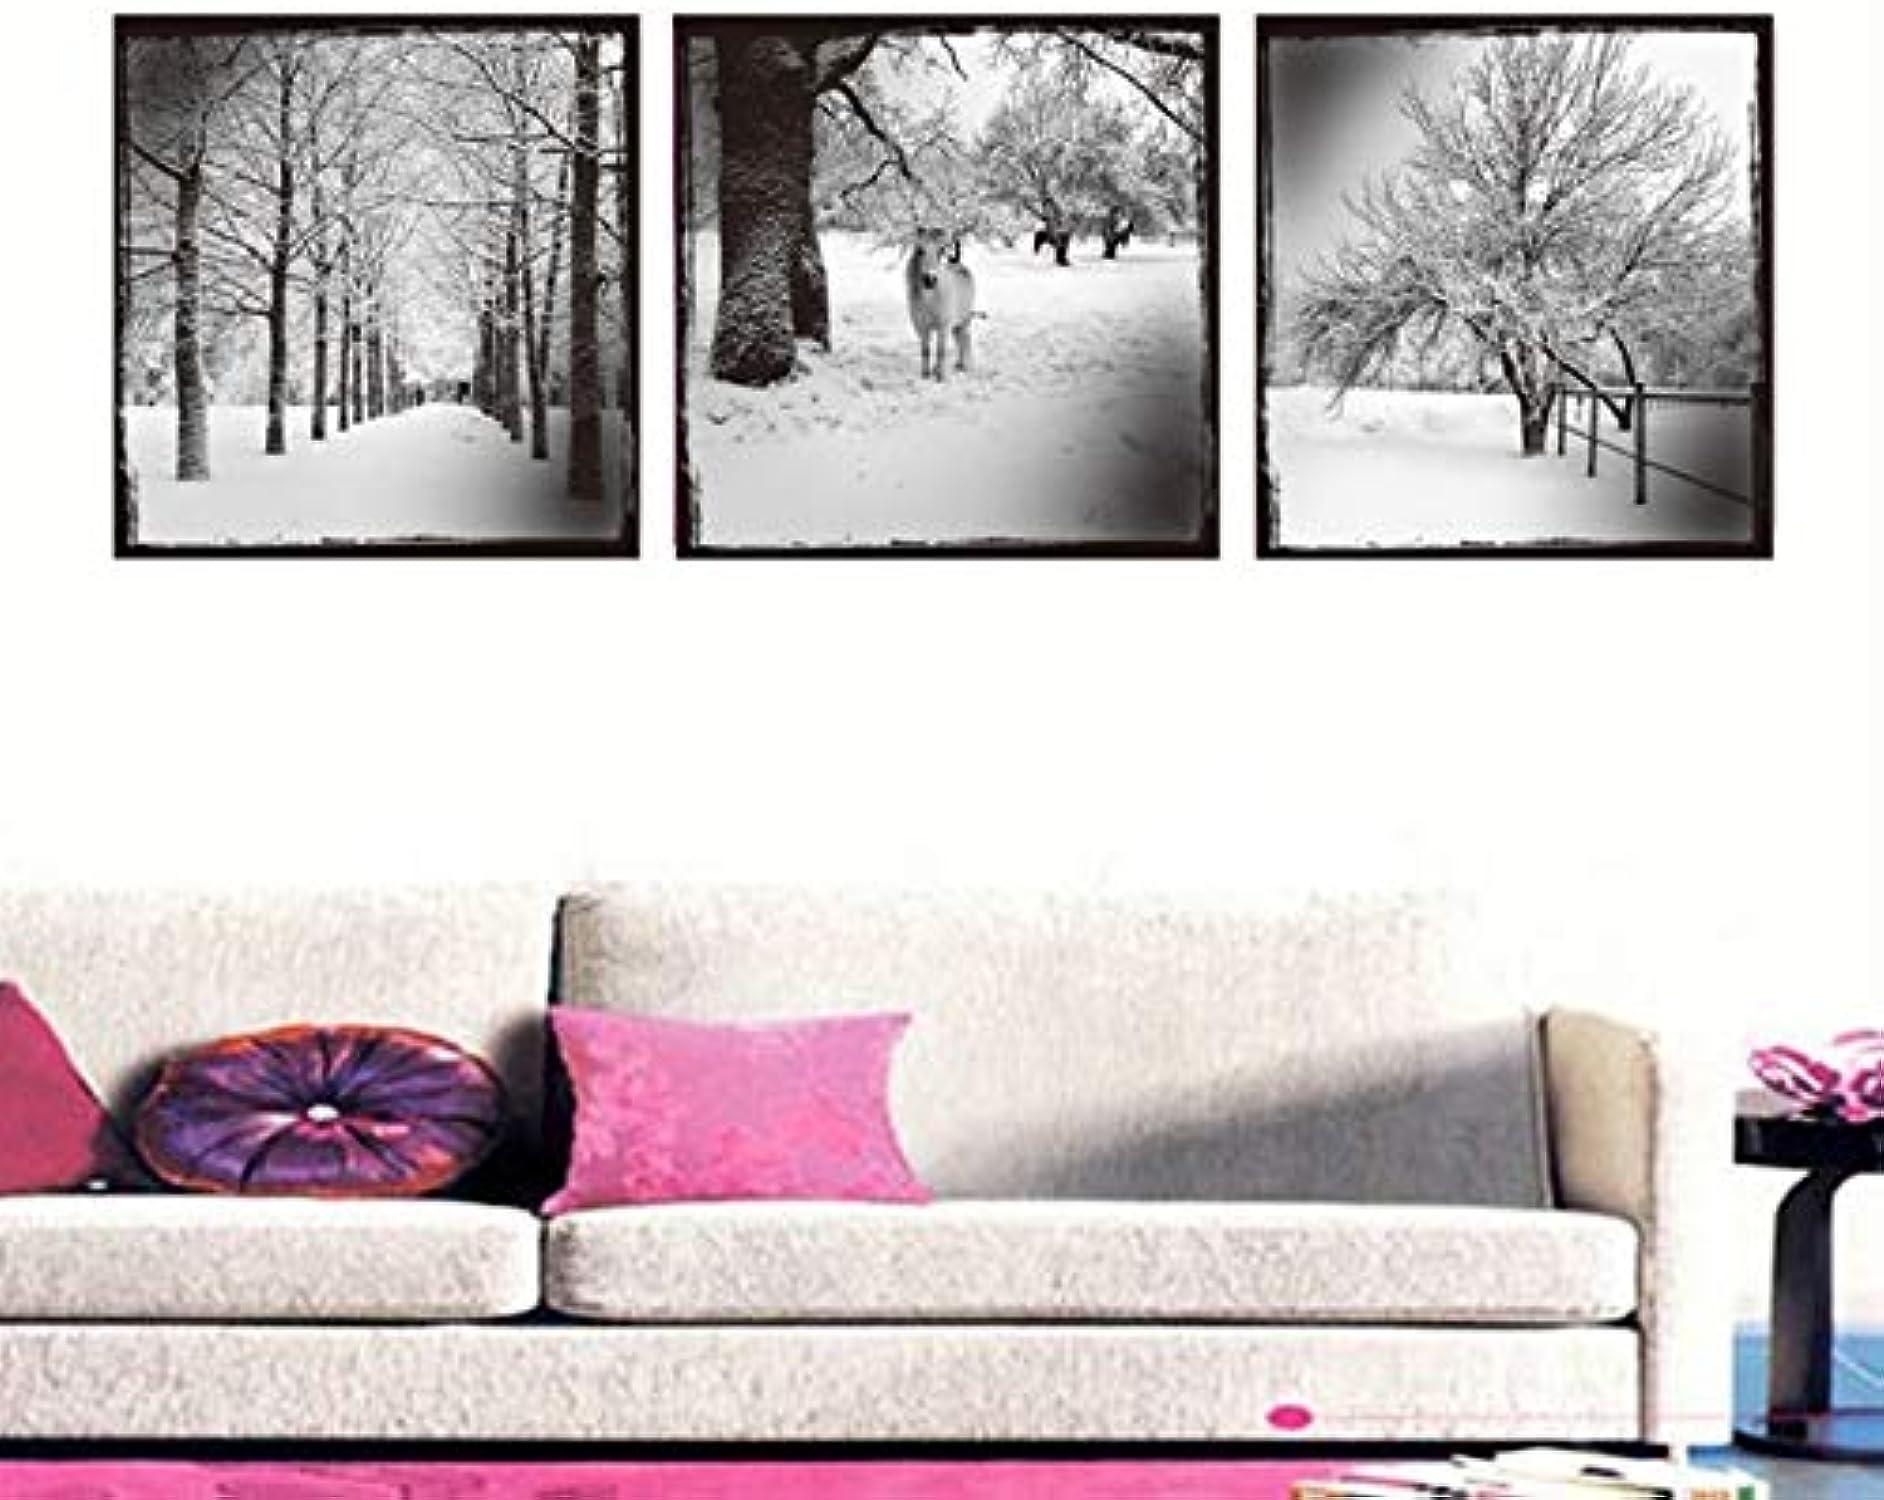 mejor servicio LKHJ Tres Pinturas20X20 Pulgadas 3 3 3 Impresiones De Pinturas De Lienzo De Paisaje Arte De La Parojo Imágenes De Pintura para Sala De Estar Decorativa  artículos de promoción